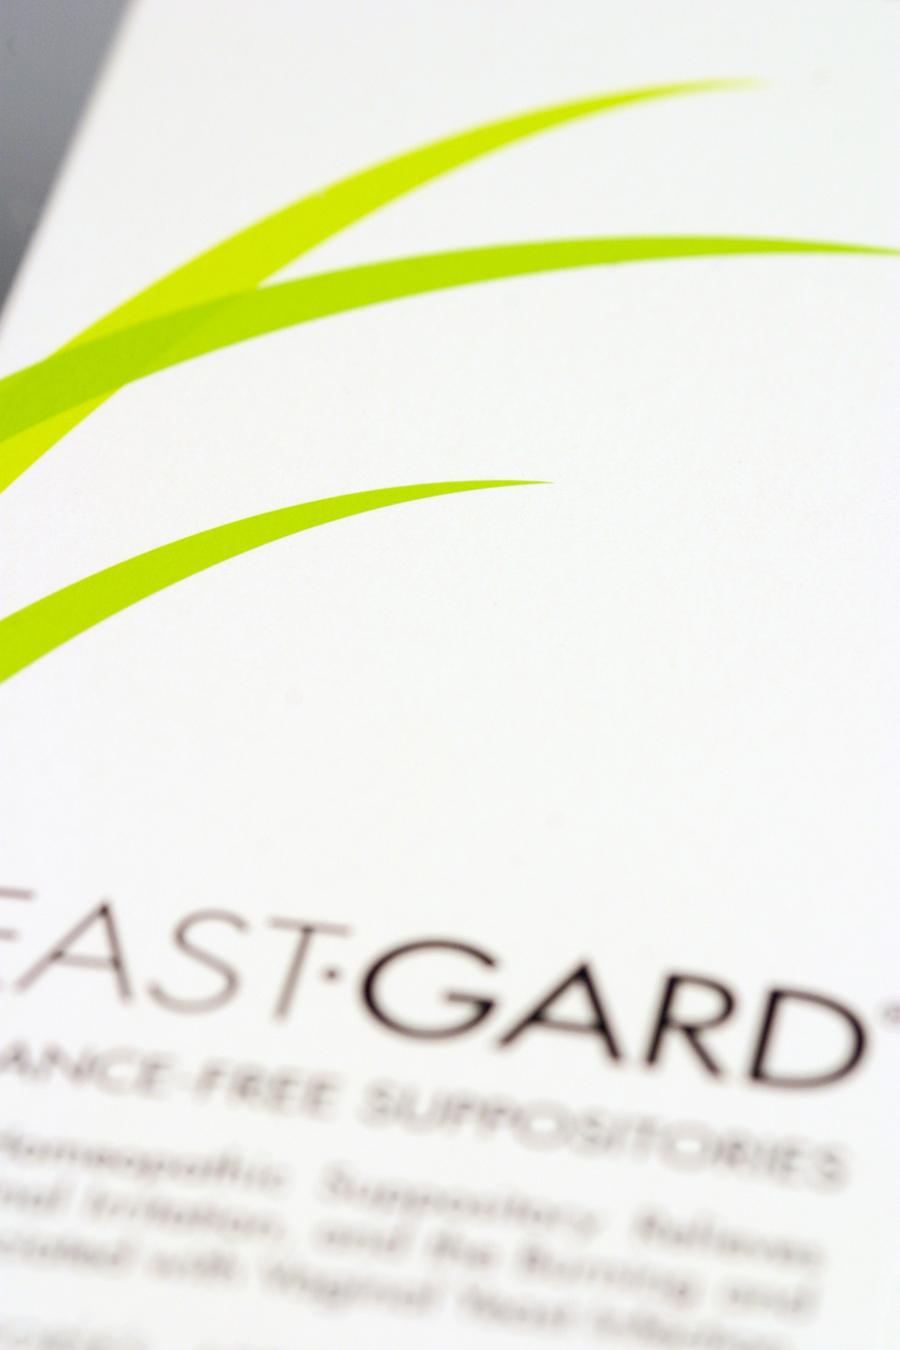 yeast_gard_back.jpg